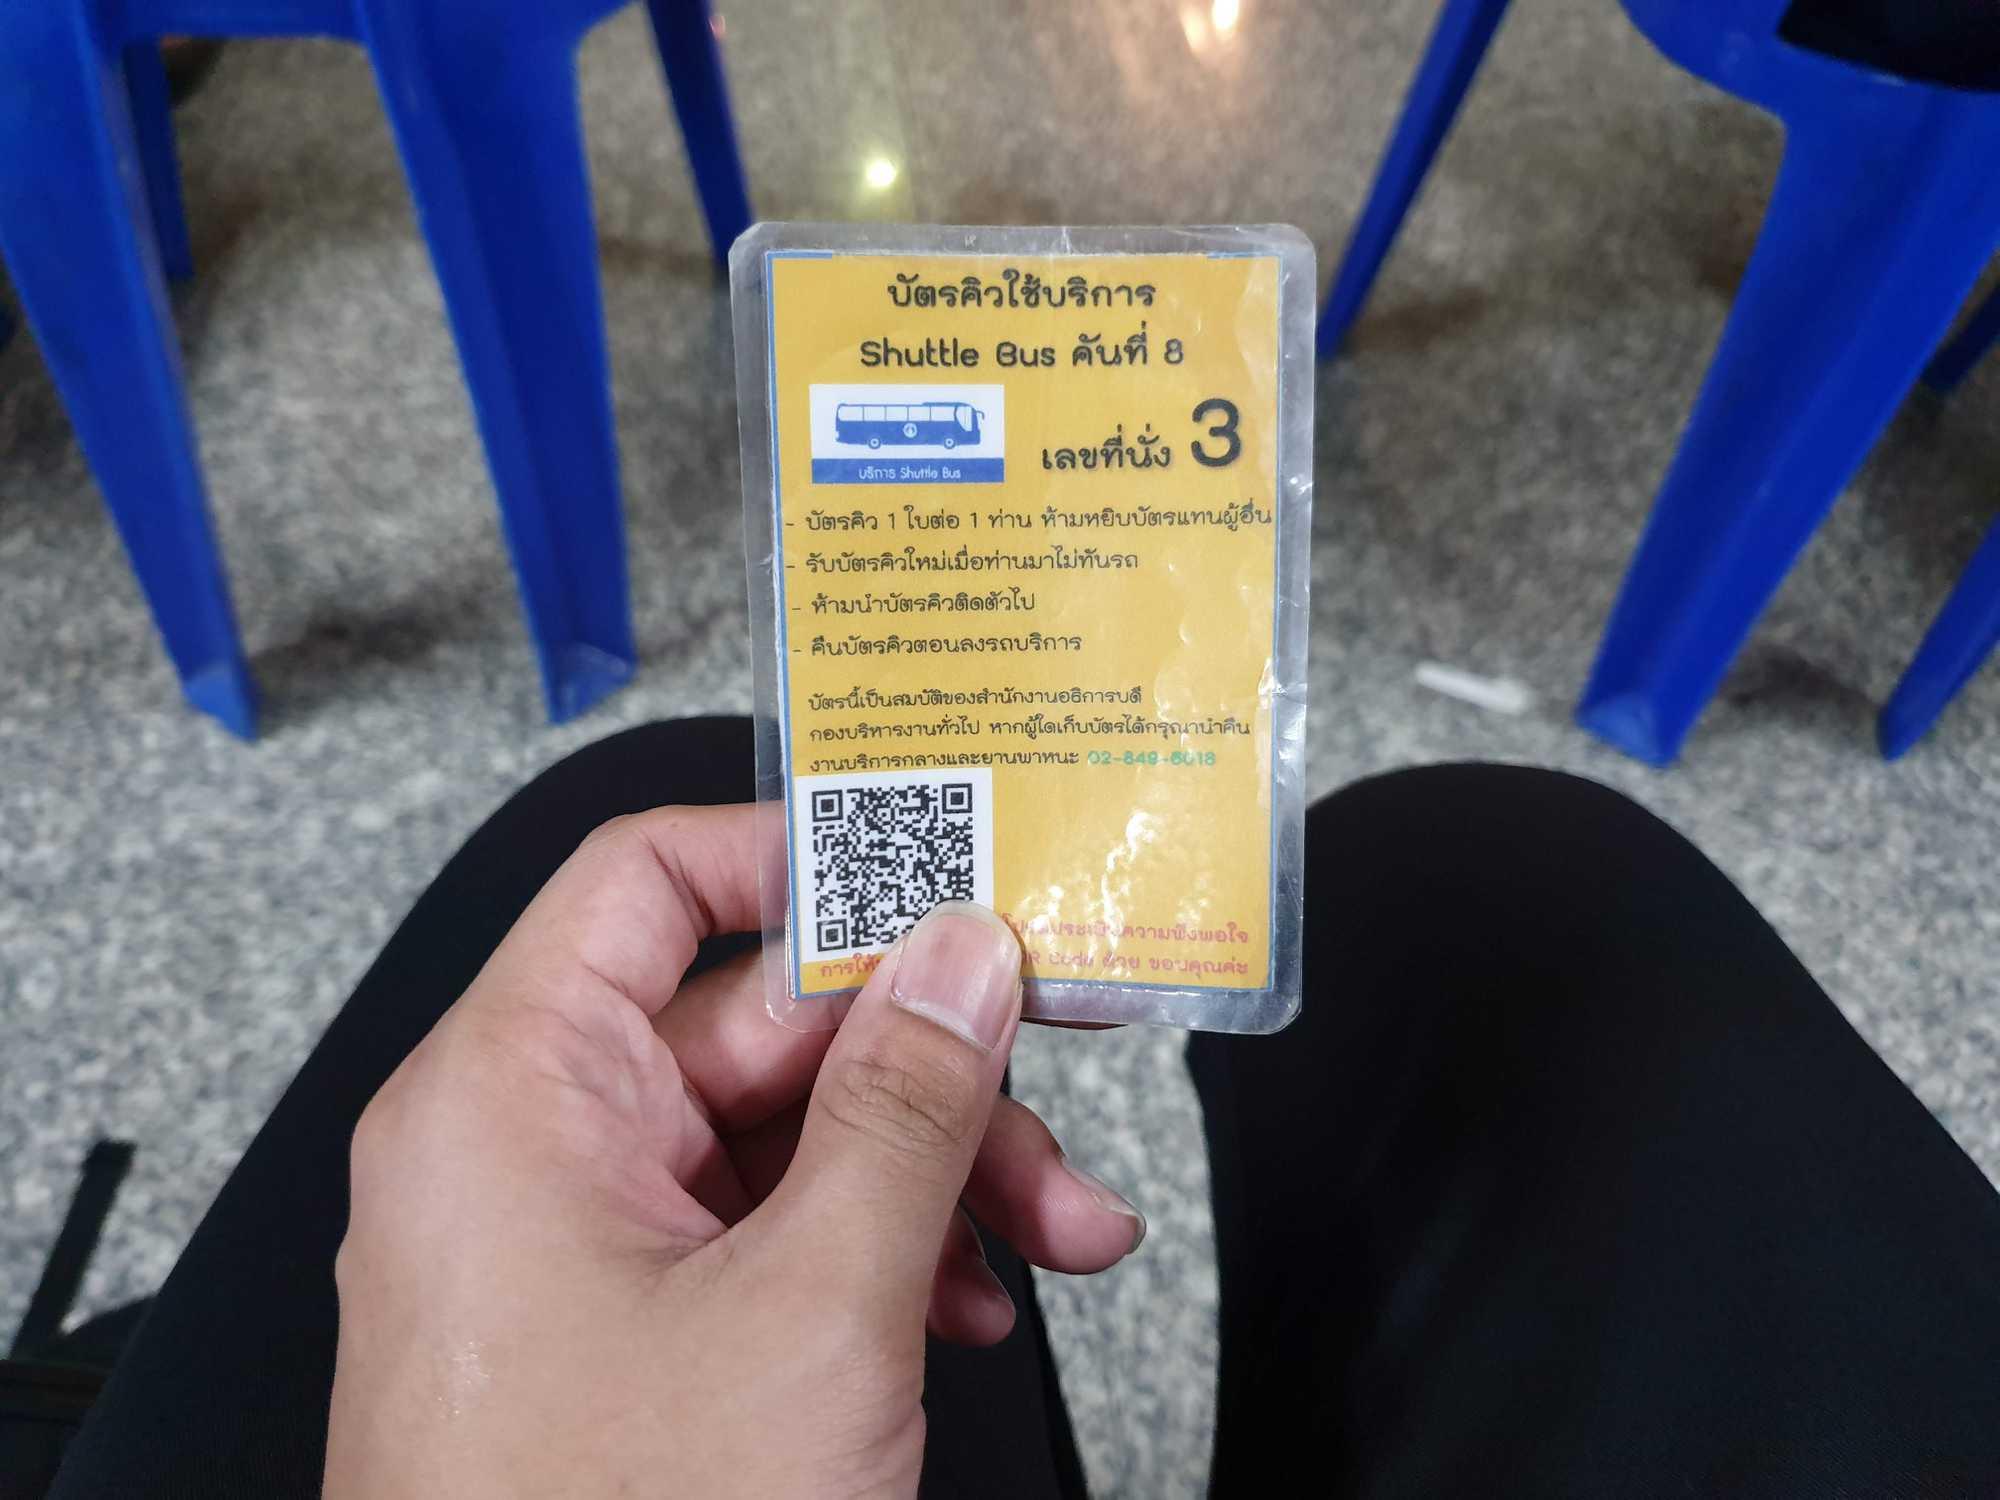 Queue Card for Mahidol Shuttle Bus